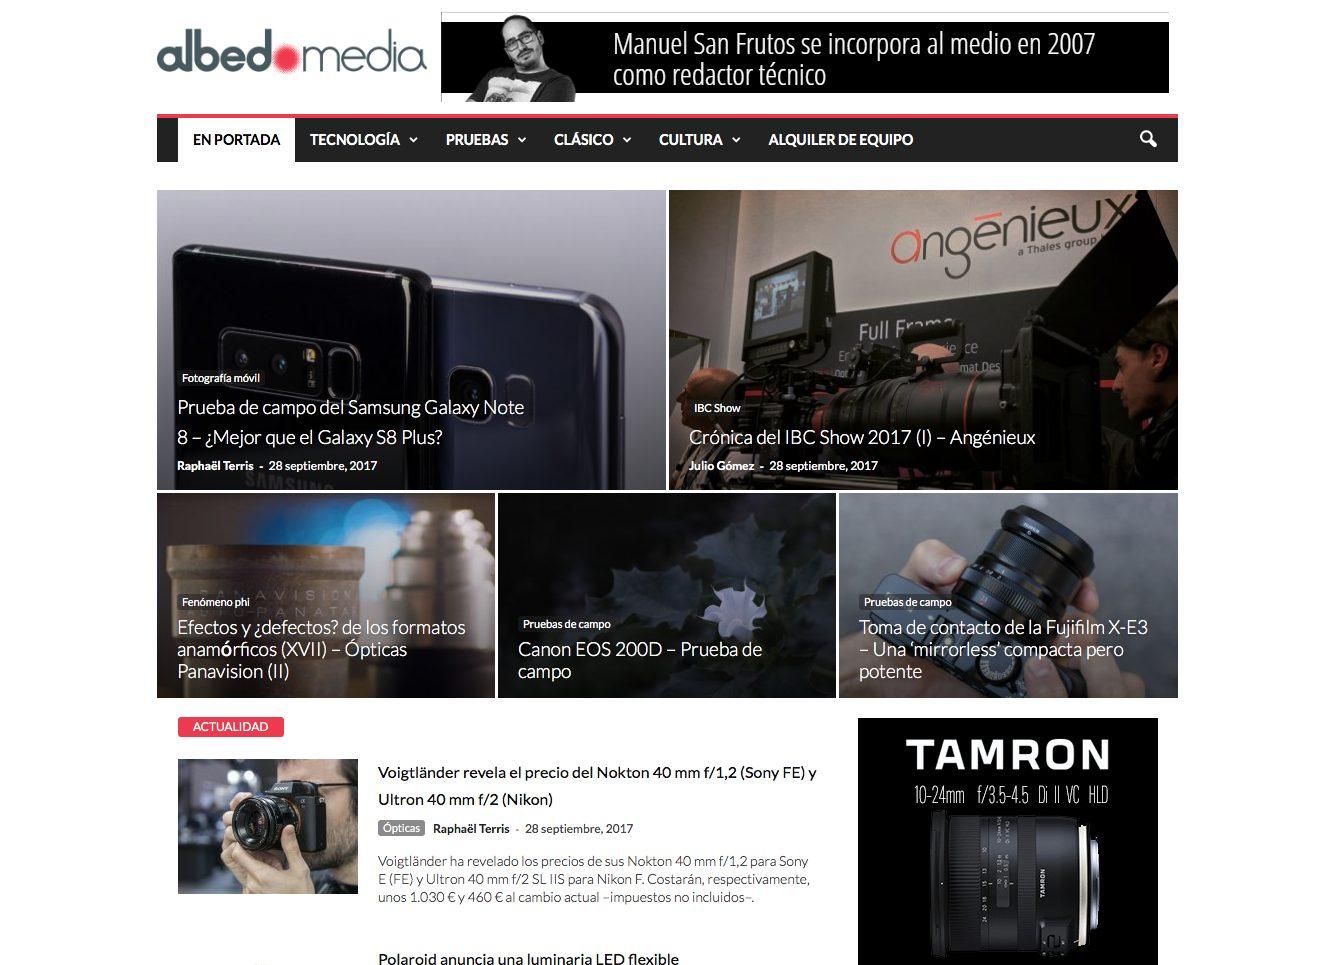 webs sobre fotografía: albedomedia.com